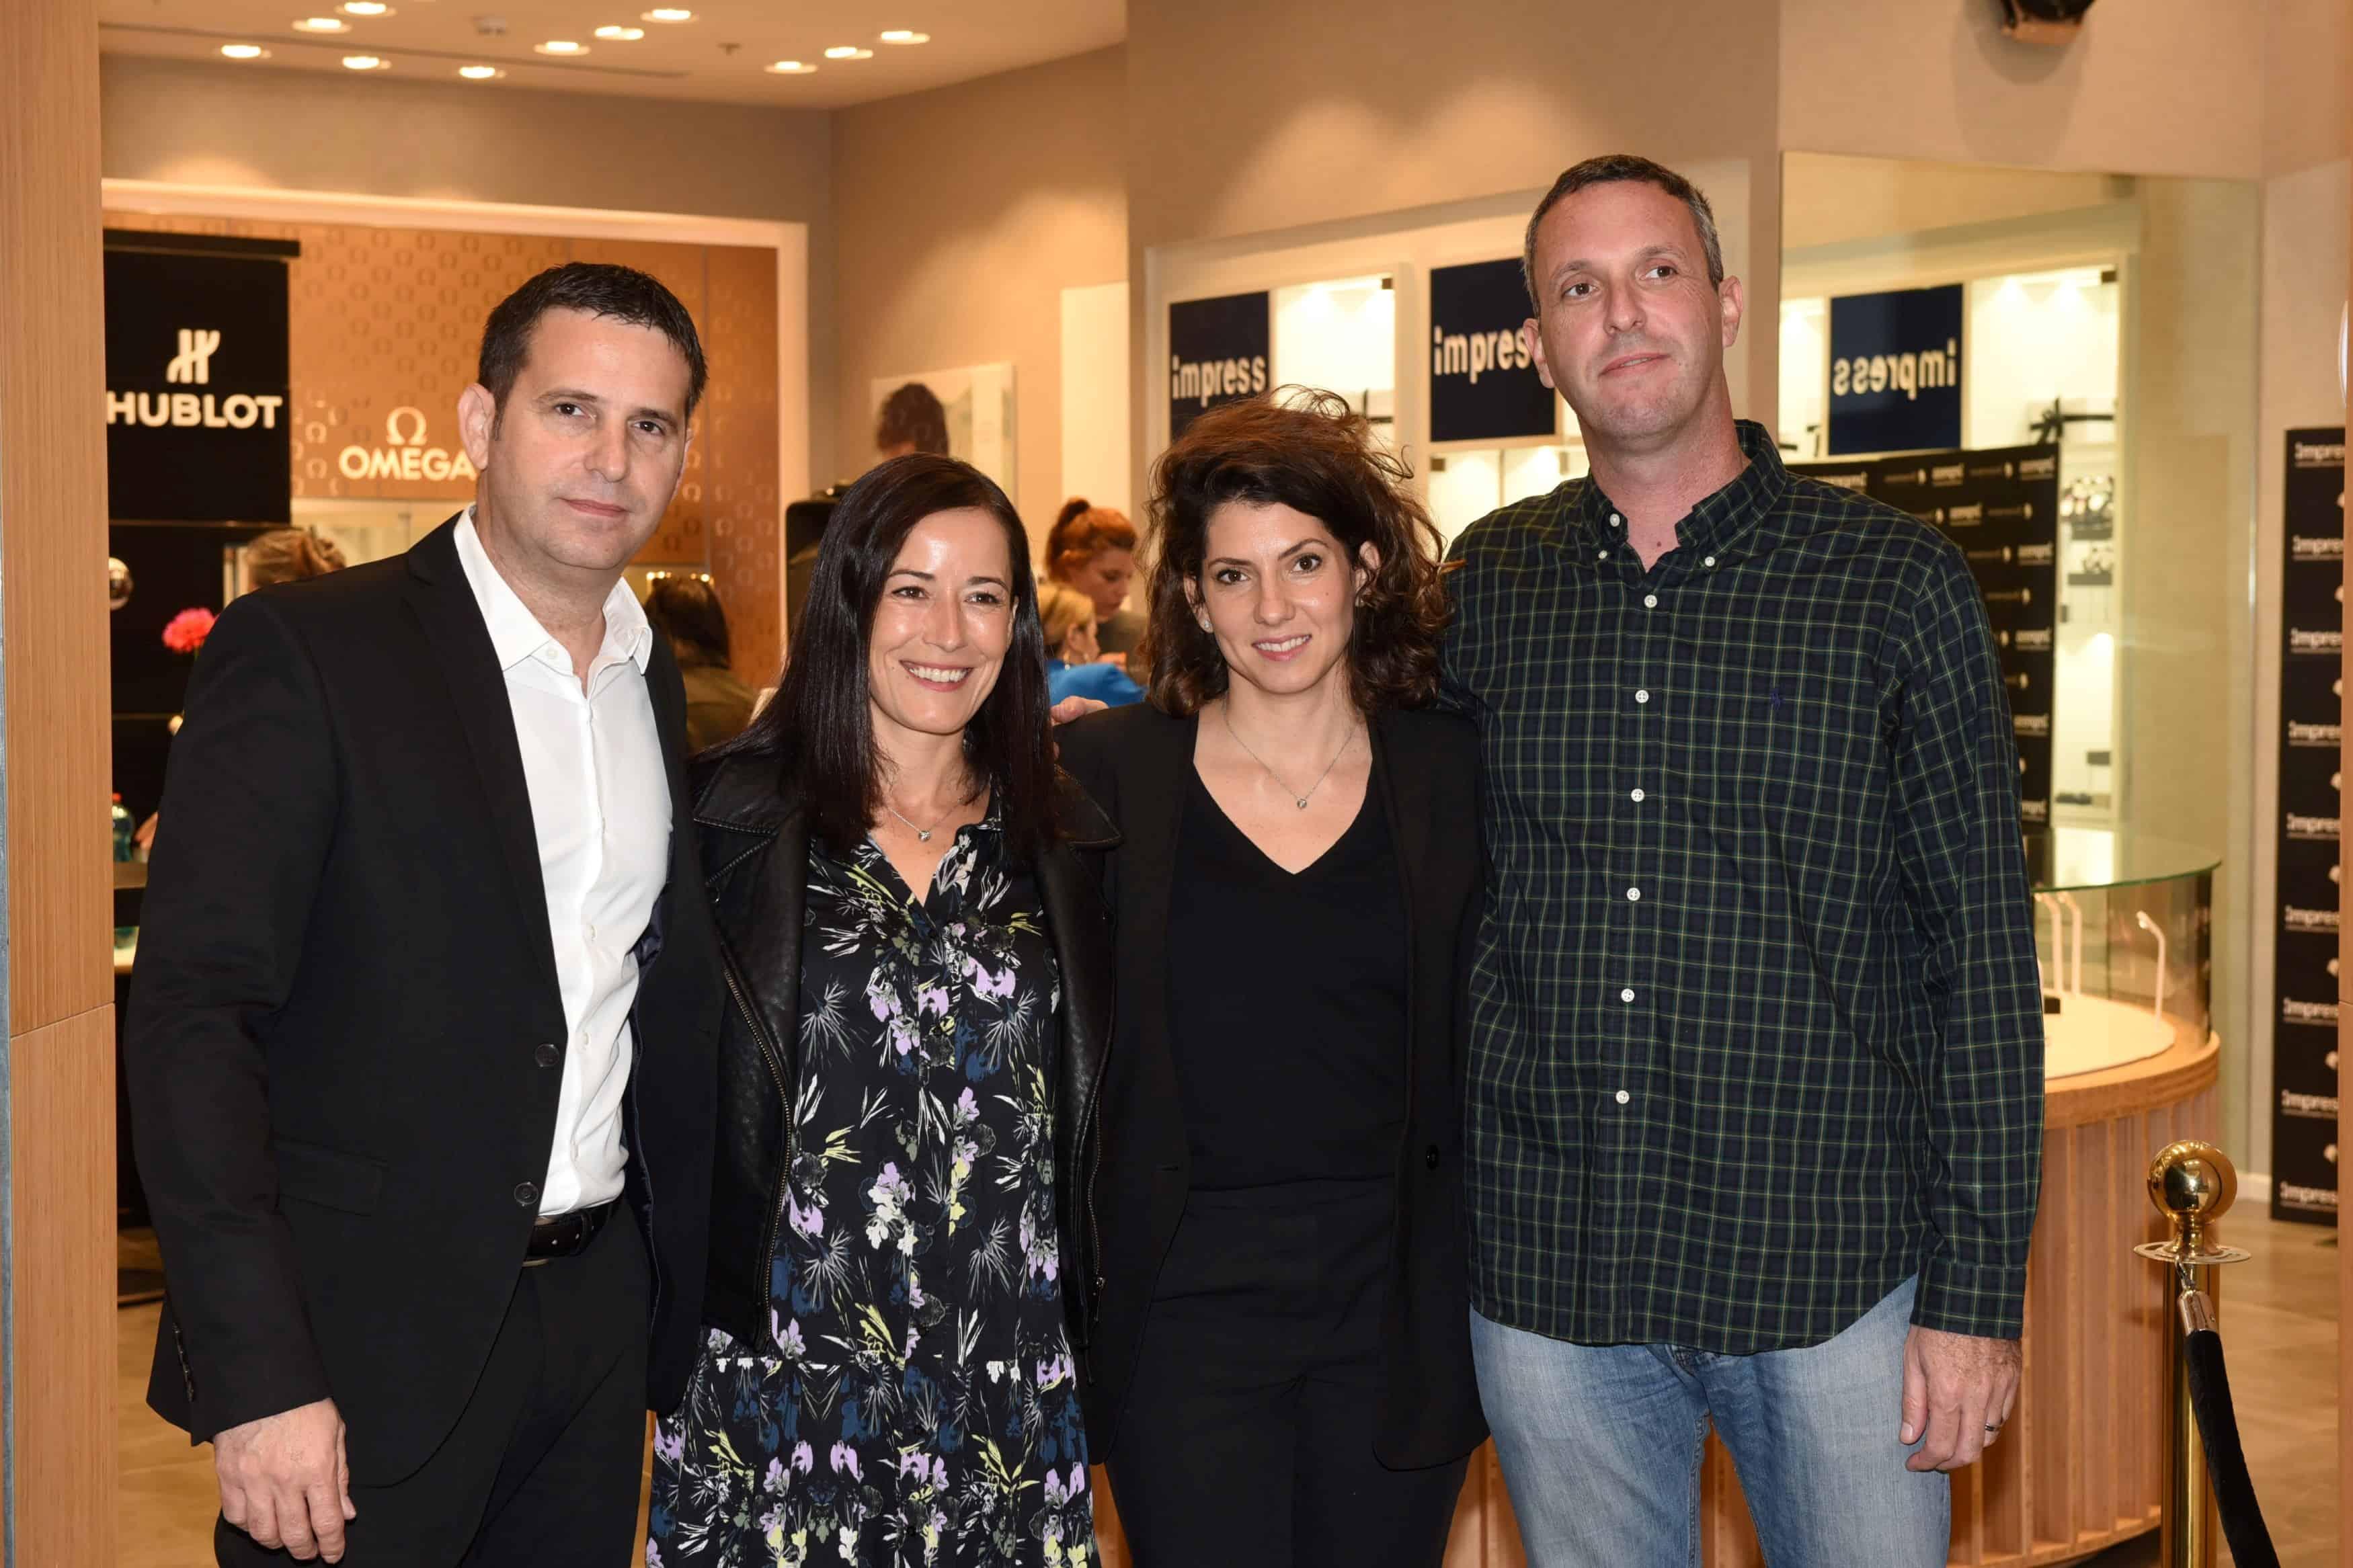 אריק בירנבאום, דניאל רחום, לינדה ריל ואלעד לוי. צילום- אלעד גוטמן (3)